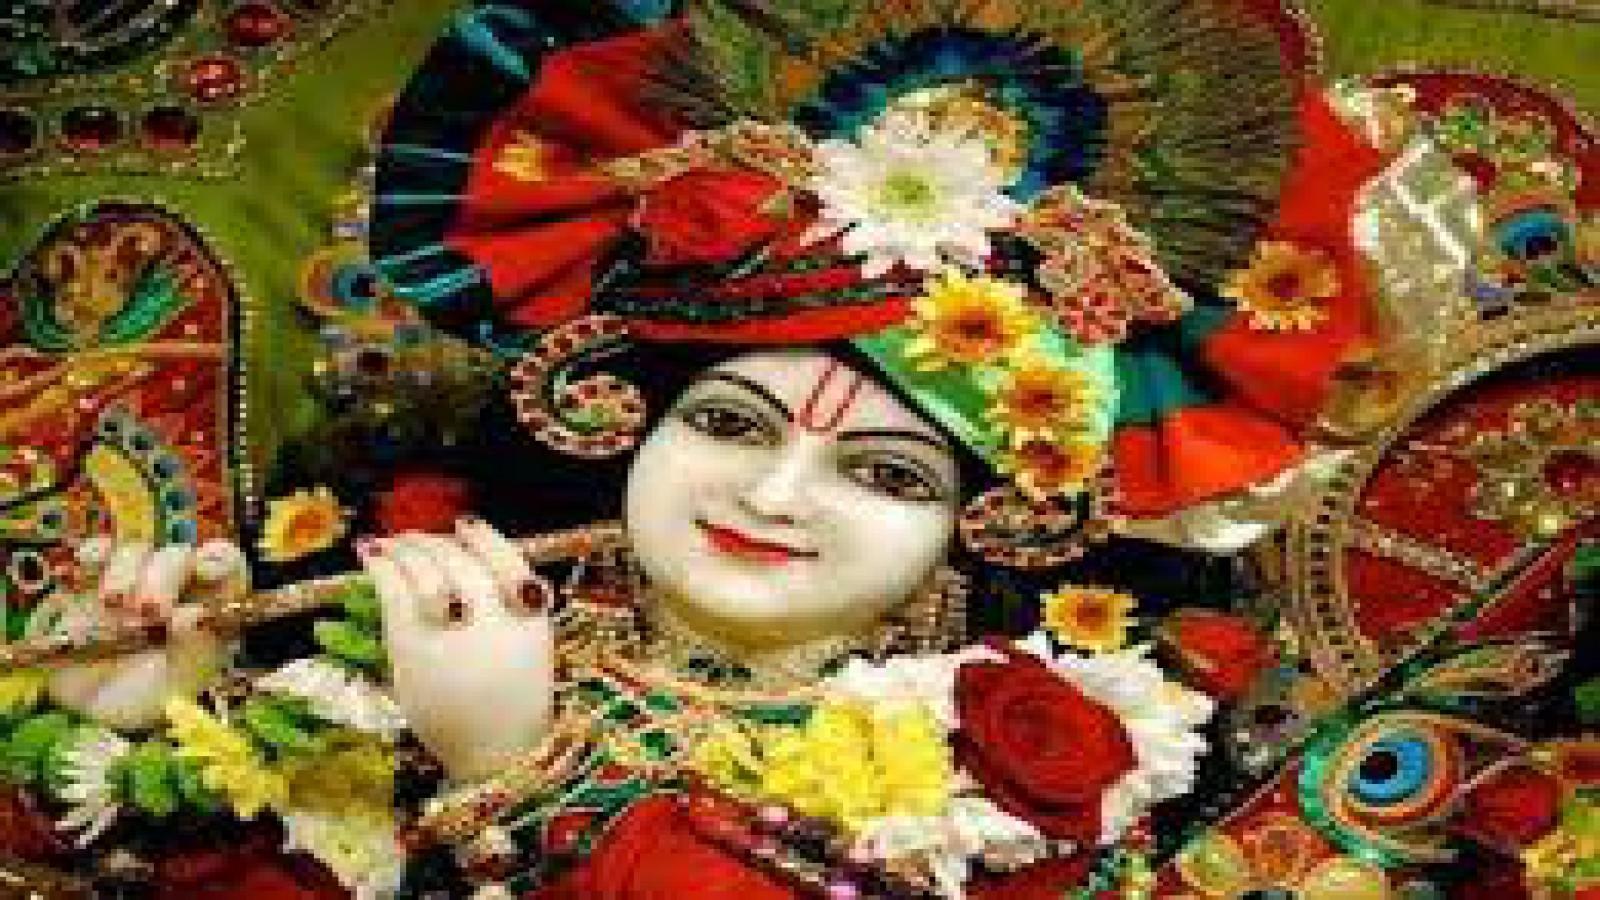 Full Hd Pics Of Lord Krishna - HD Wallpaper